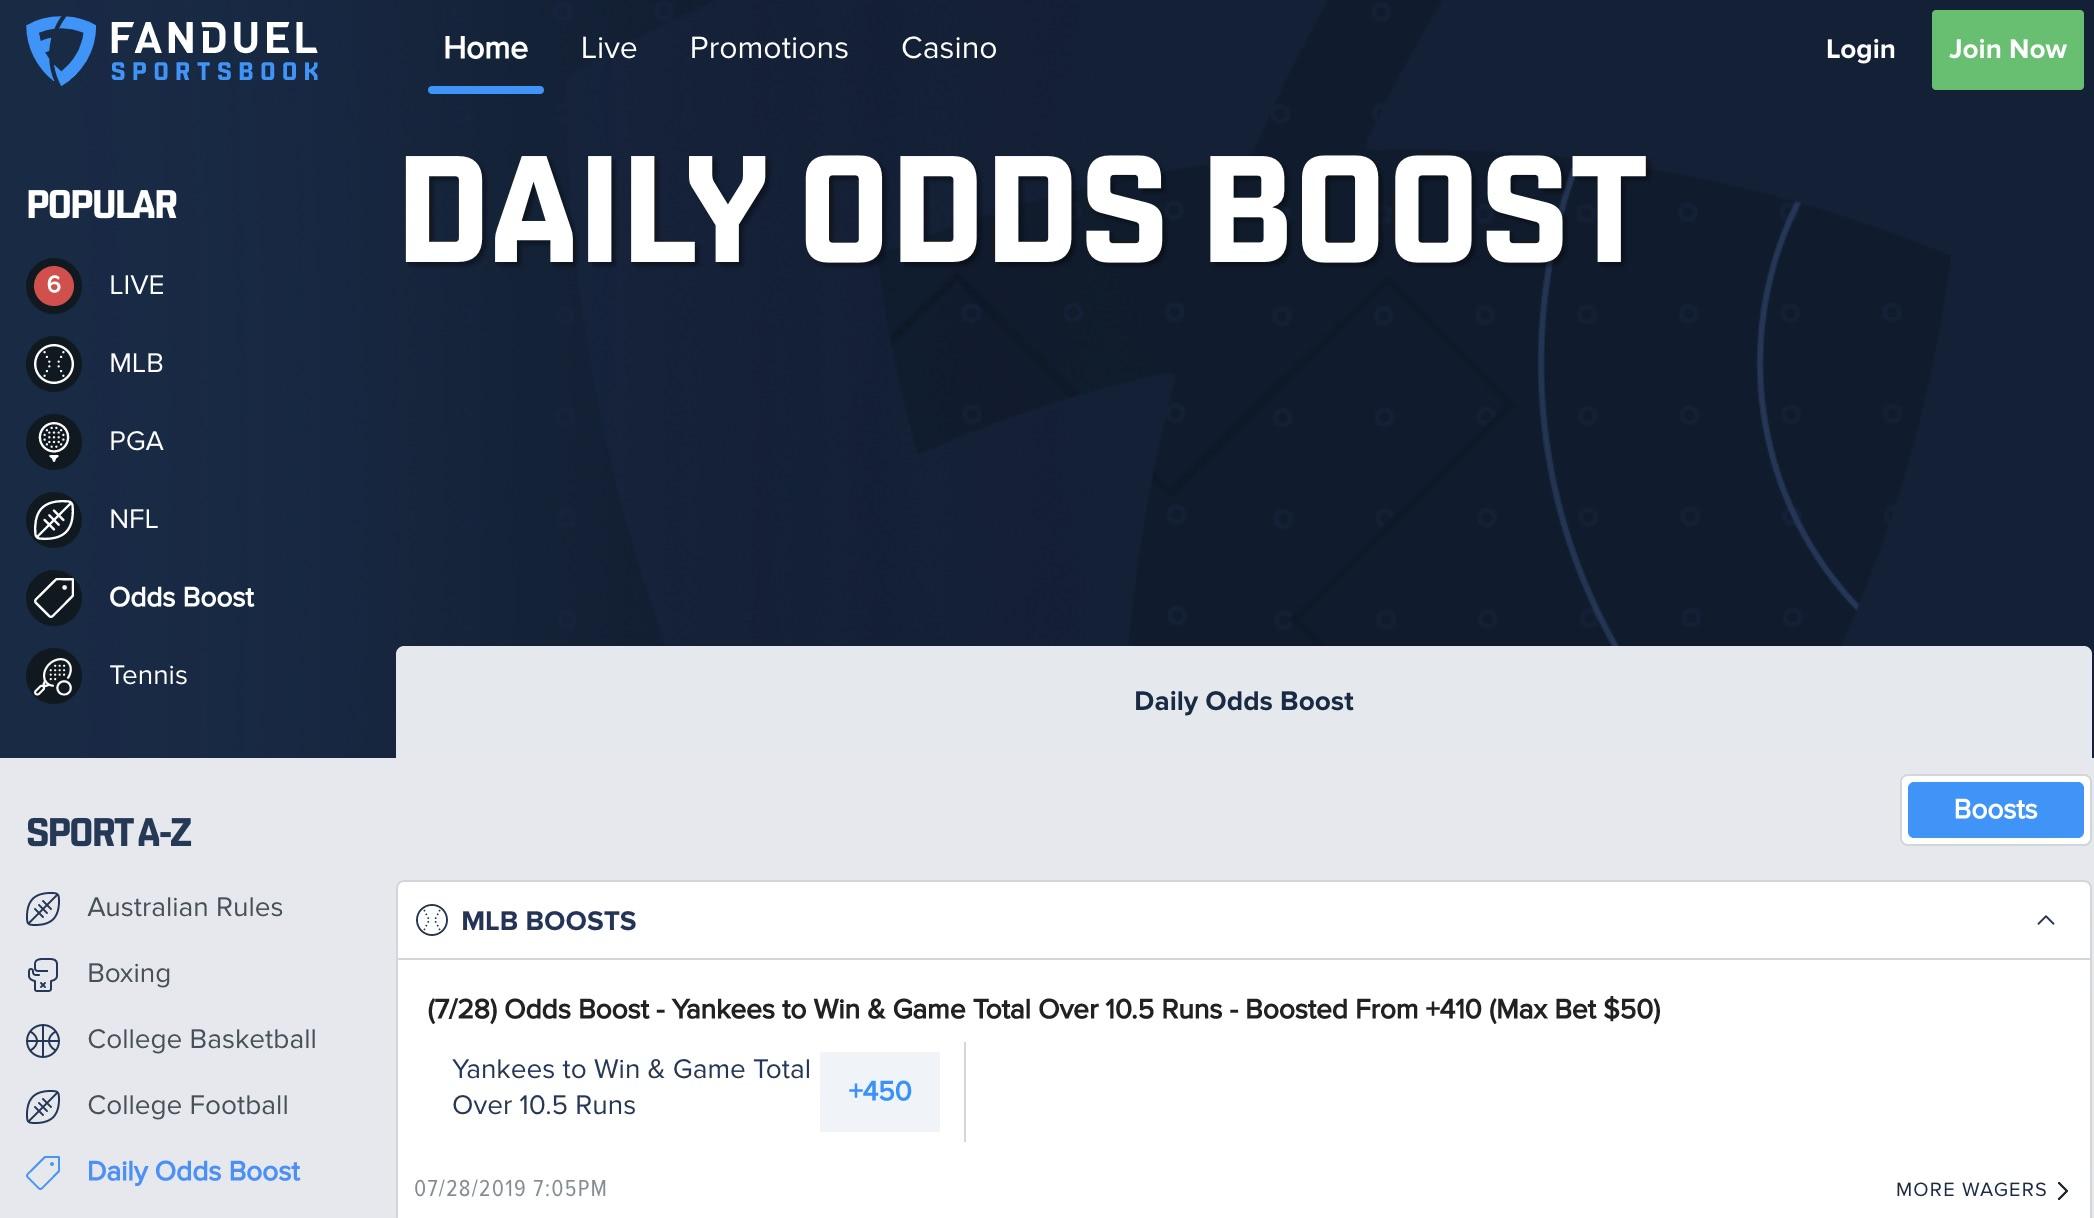 FanDuel odds boost